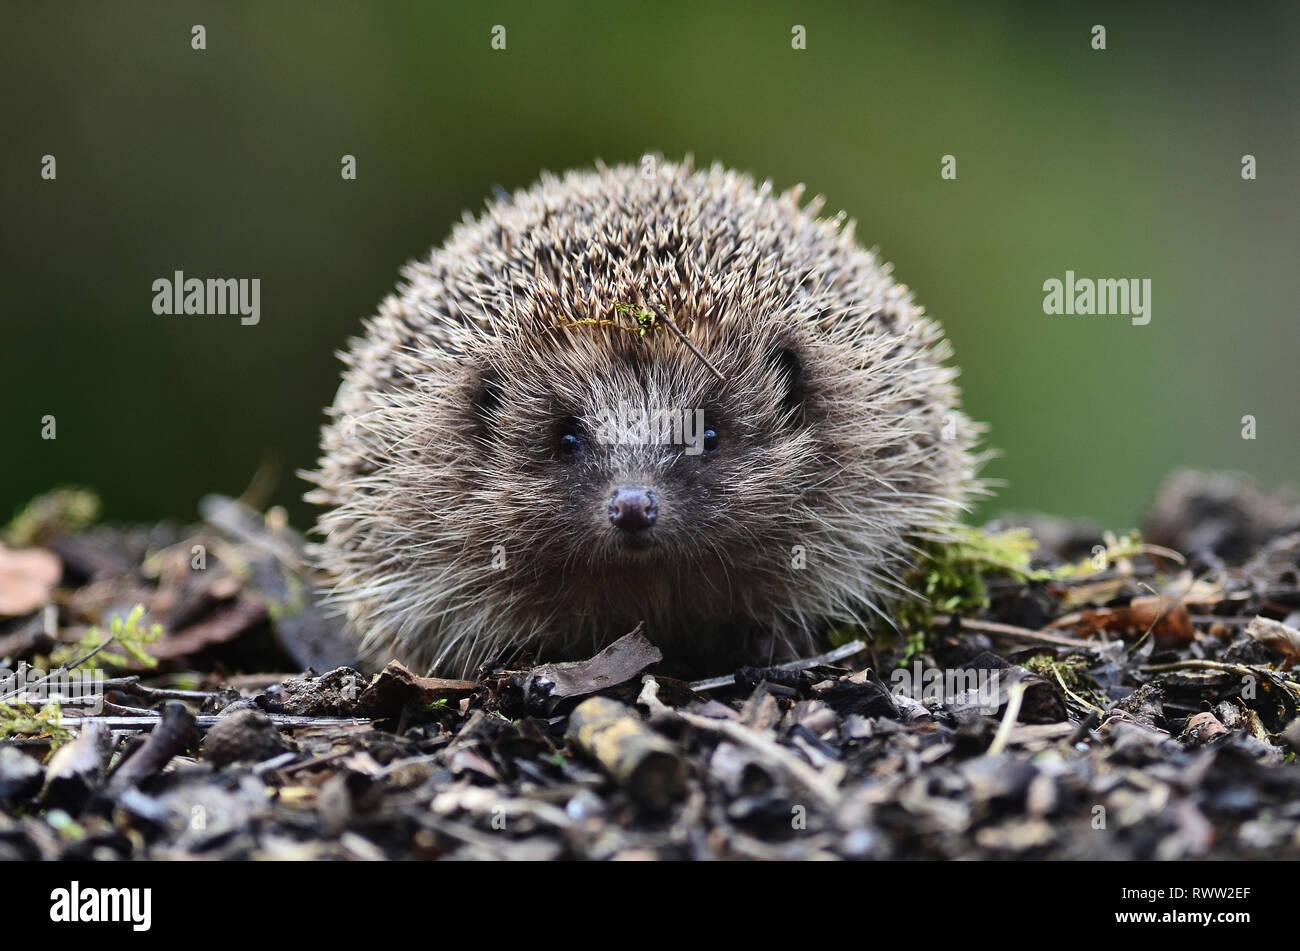 adult hedgehog at dusk. Dorset, UK - Stock Image